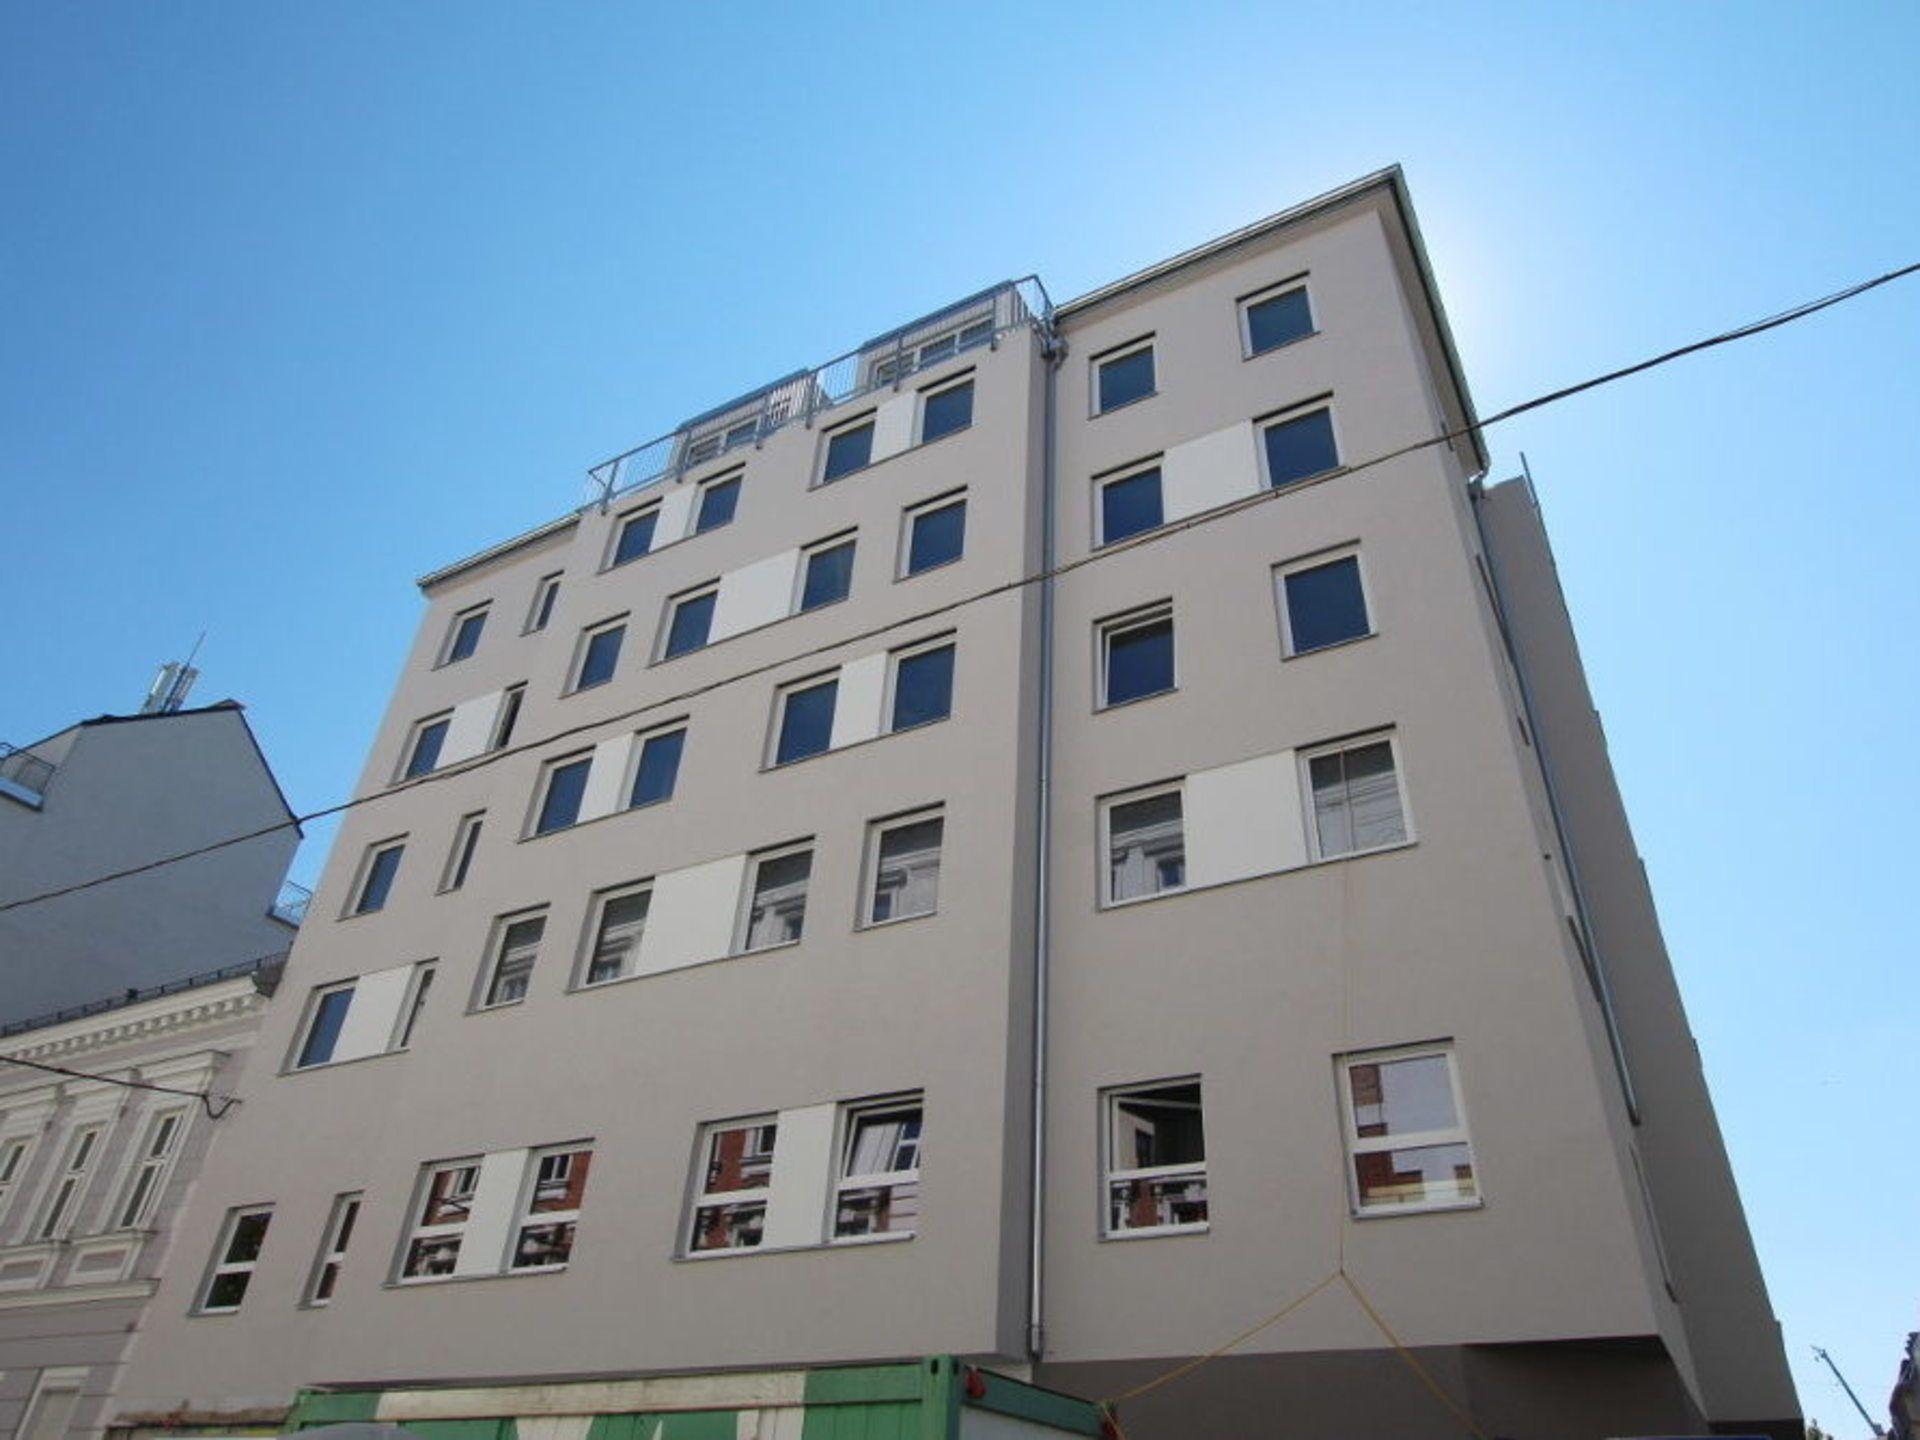 Eigentums- und Vorsorge-Dachgeschoßwohnungen - 1100 Wien